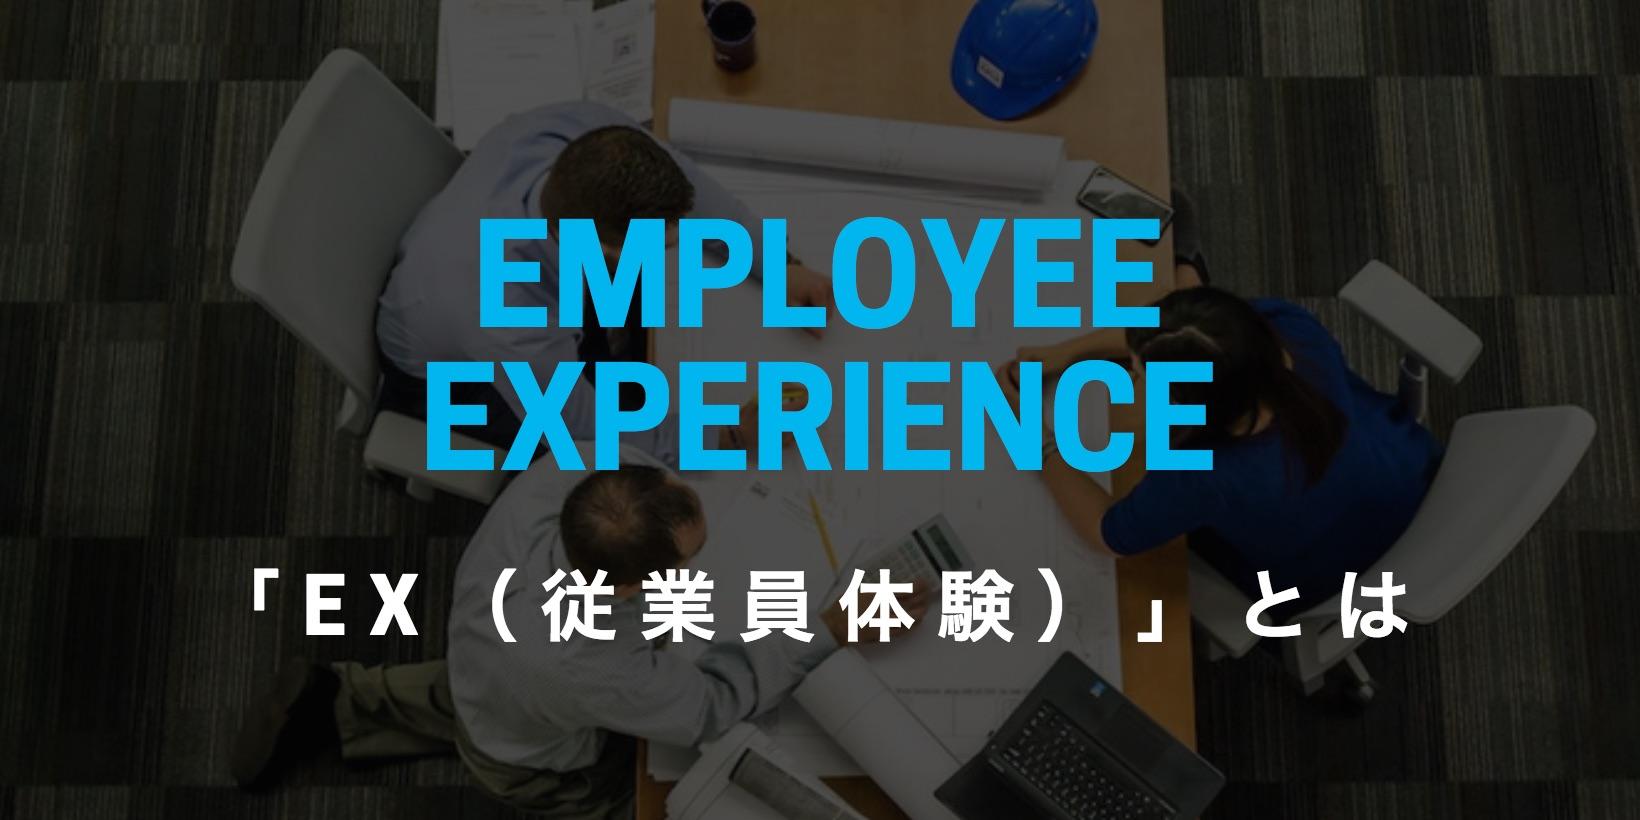 Airbnbも重視する「EX」とは?企業が「従業員体験」を向上させるべき理由